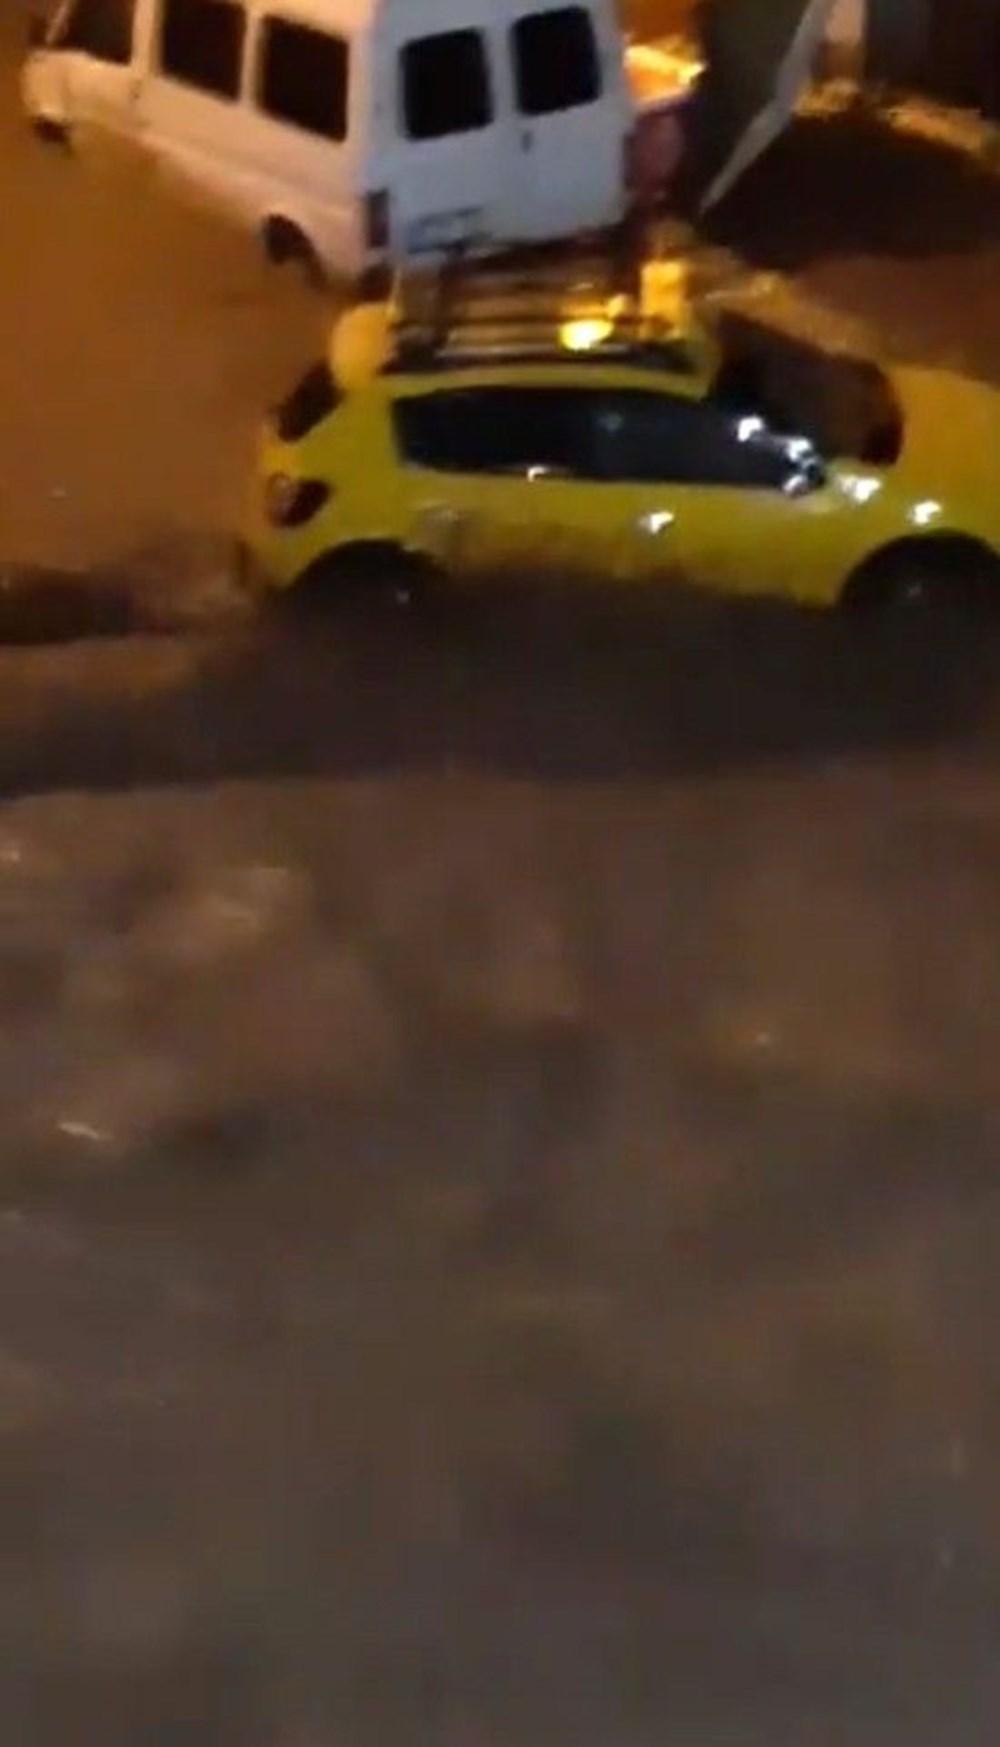 Giresun'u sel vurdu: 4 kişi hayatını kaybetti - 15